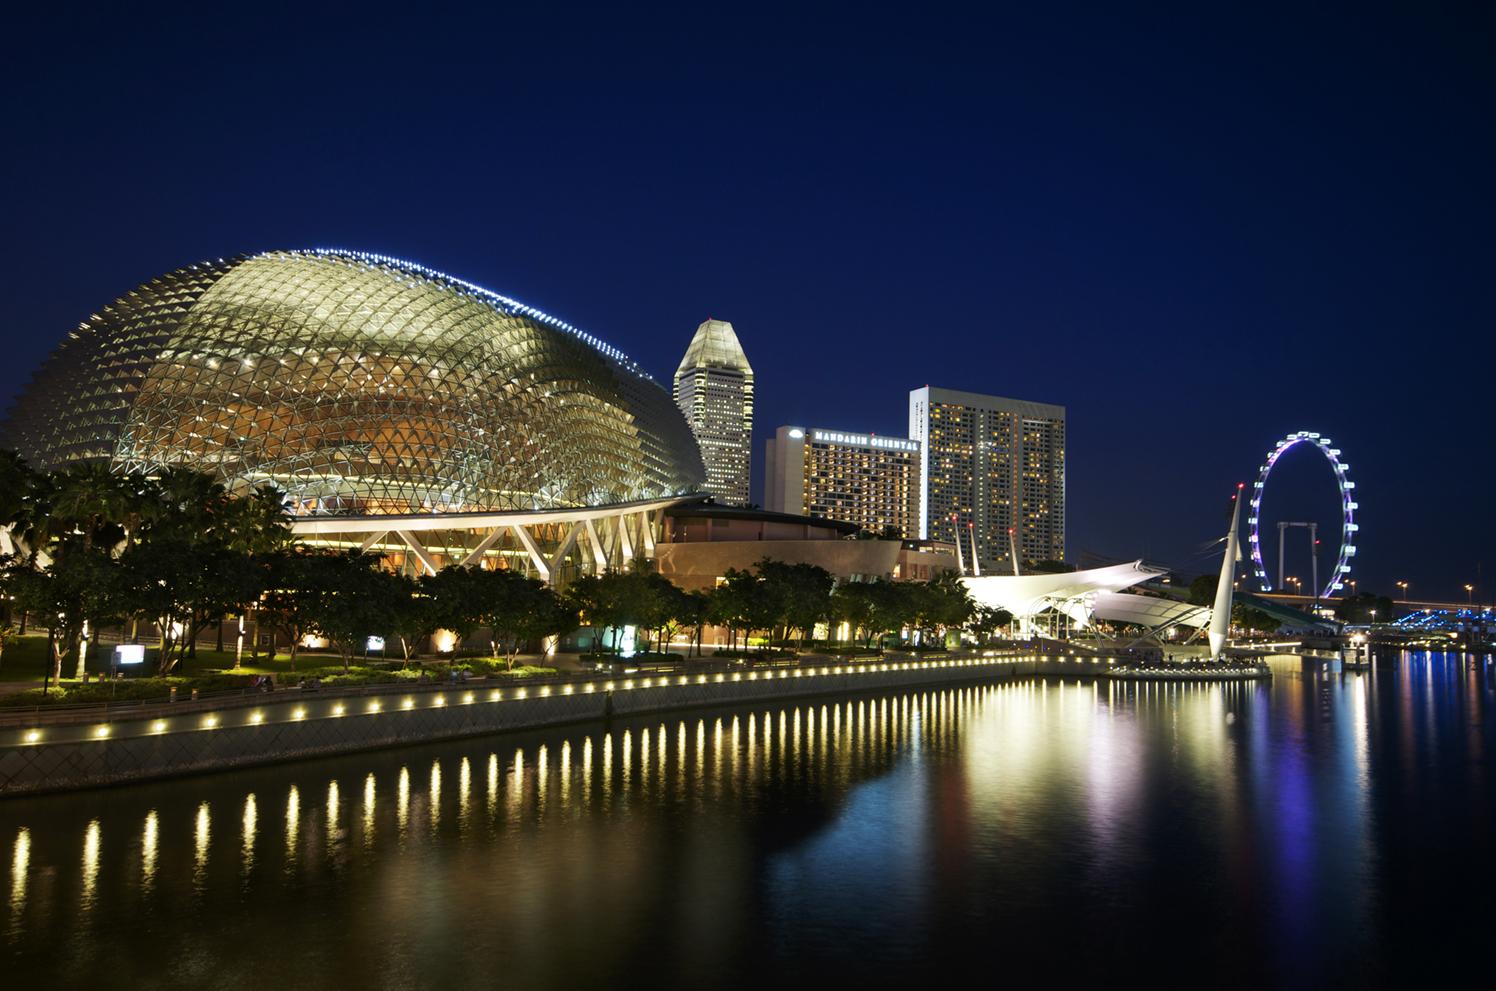 Esplanada - Teatros en la Bahía, Singapur